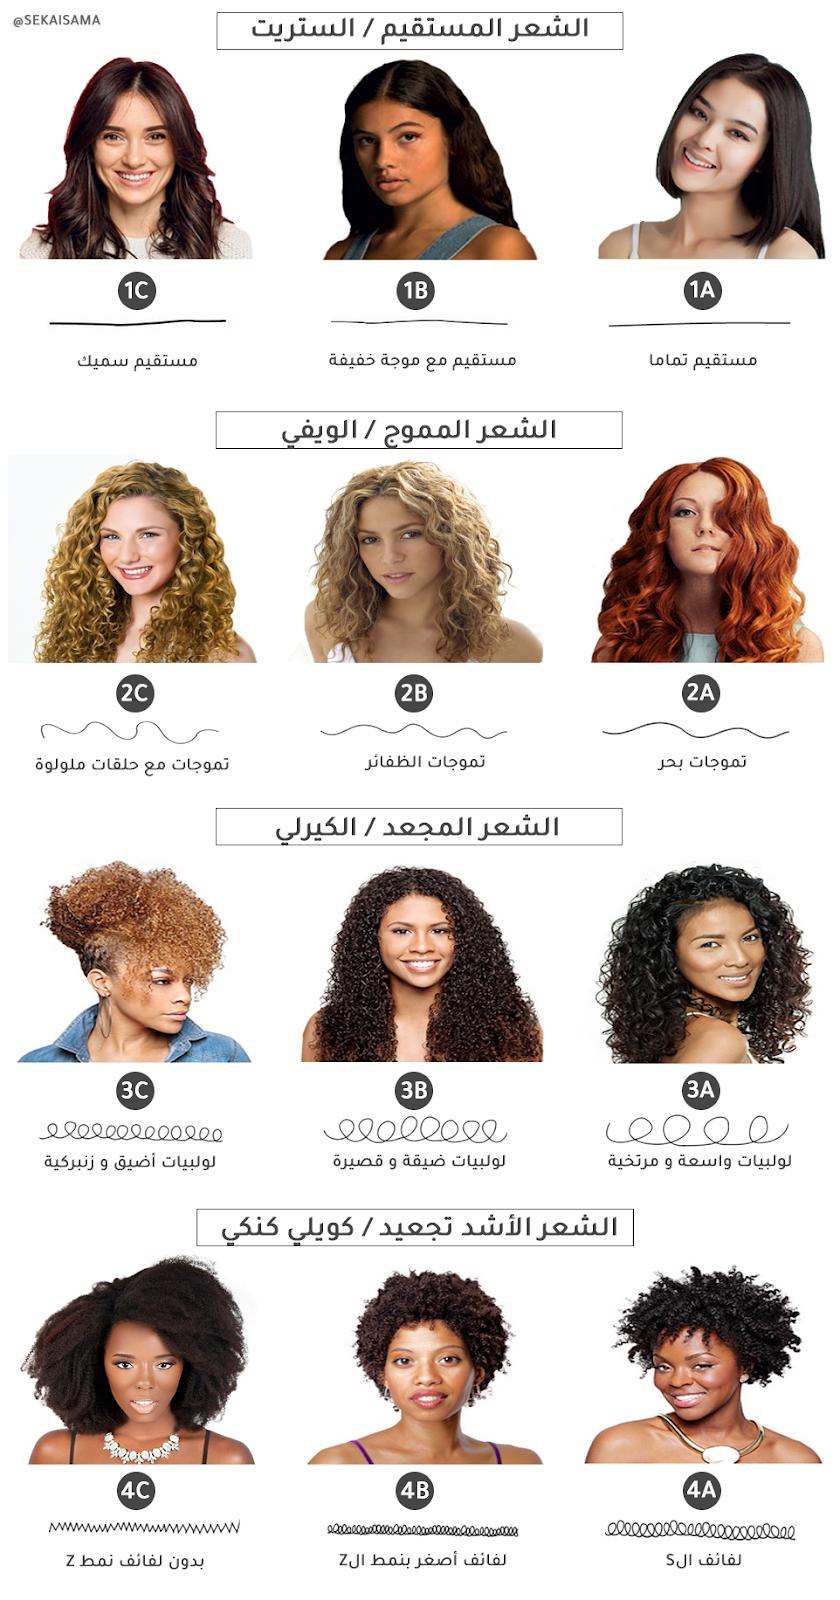 أنواع الشعر الكيرلي المختلفة أعرفي نوع شعرك وكيفية الاعتناء به بسهولة